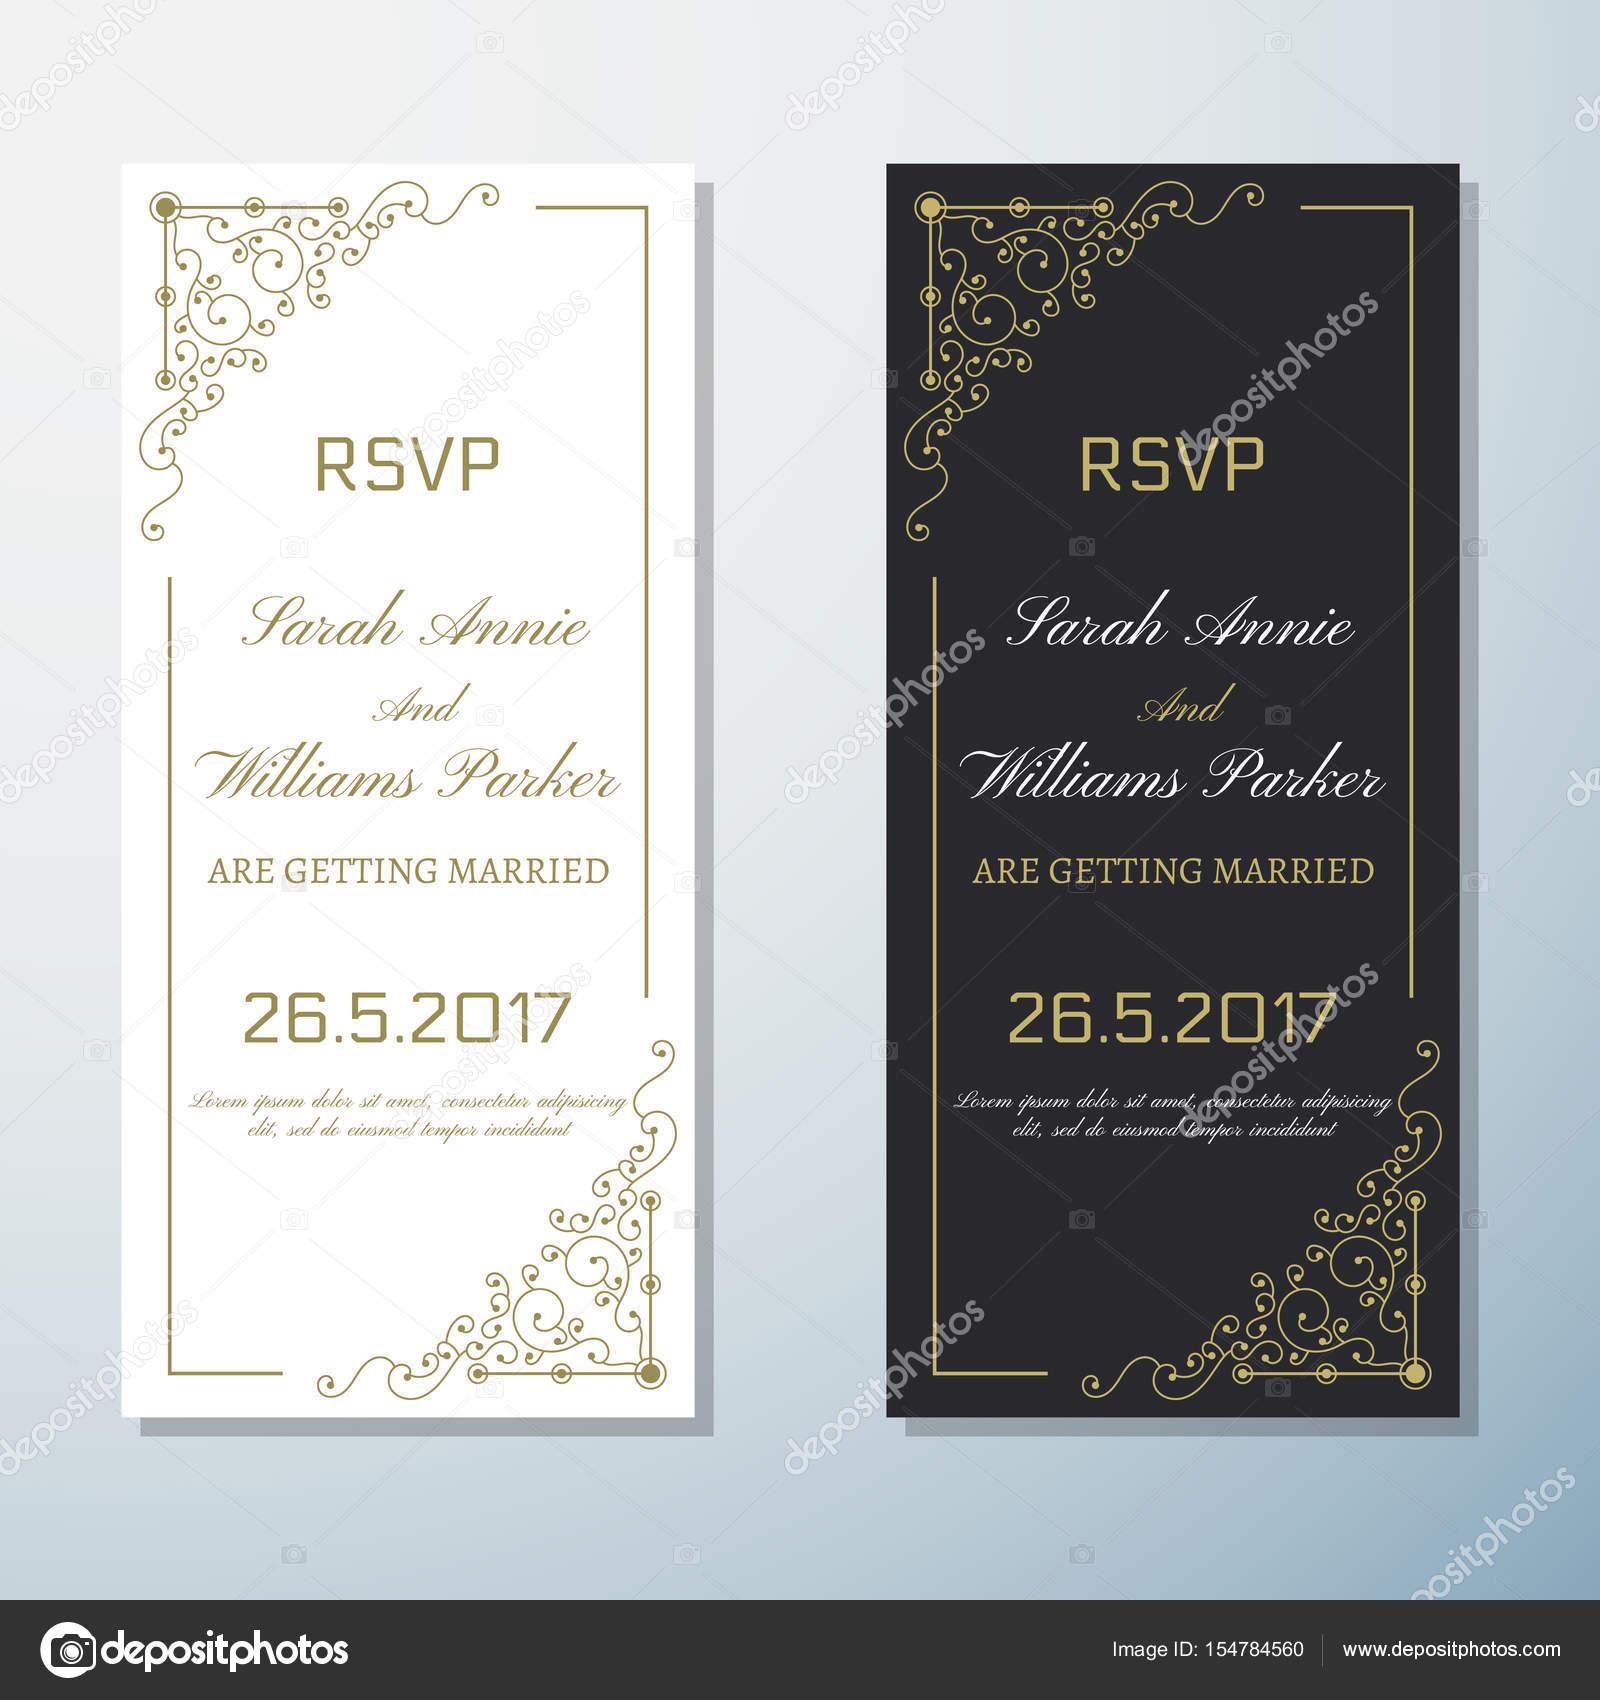 0222a58534 Esküvői meghívó Vintage szórólap háttér Design sablon vektoros illusztráció  — Vektorok toonsteb ...